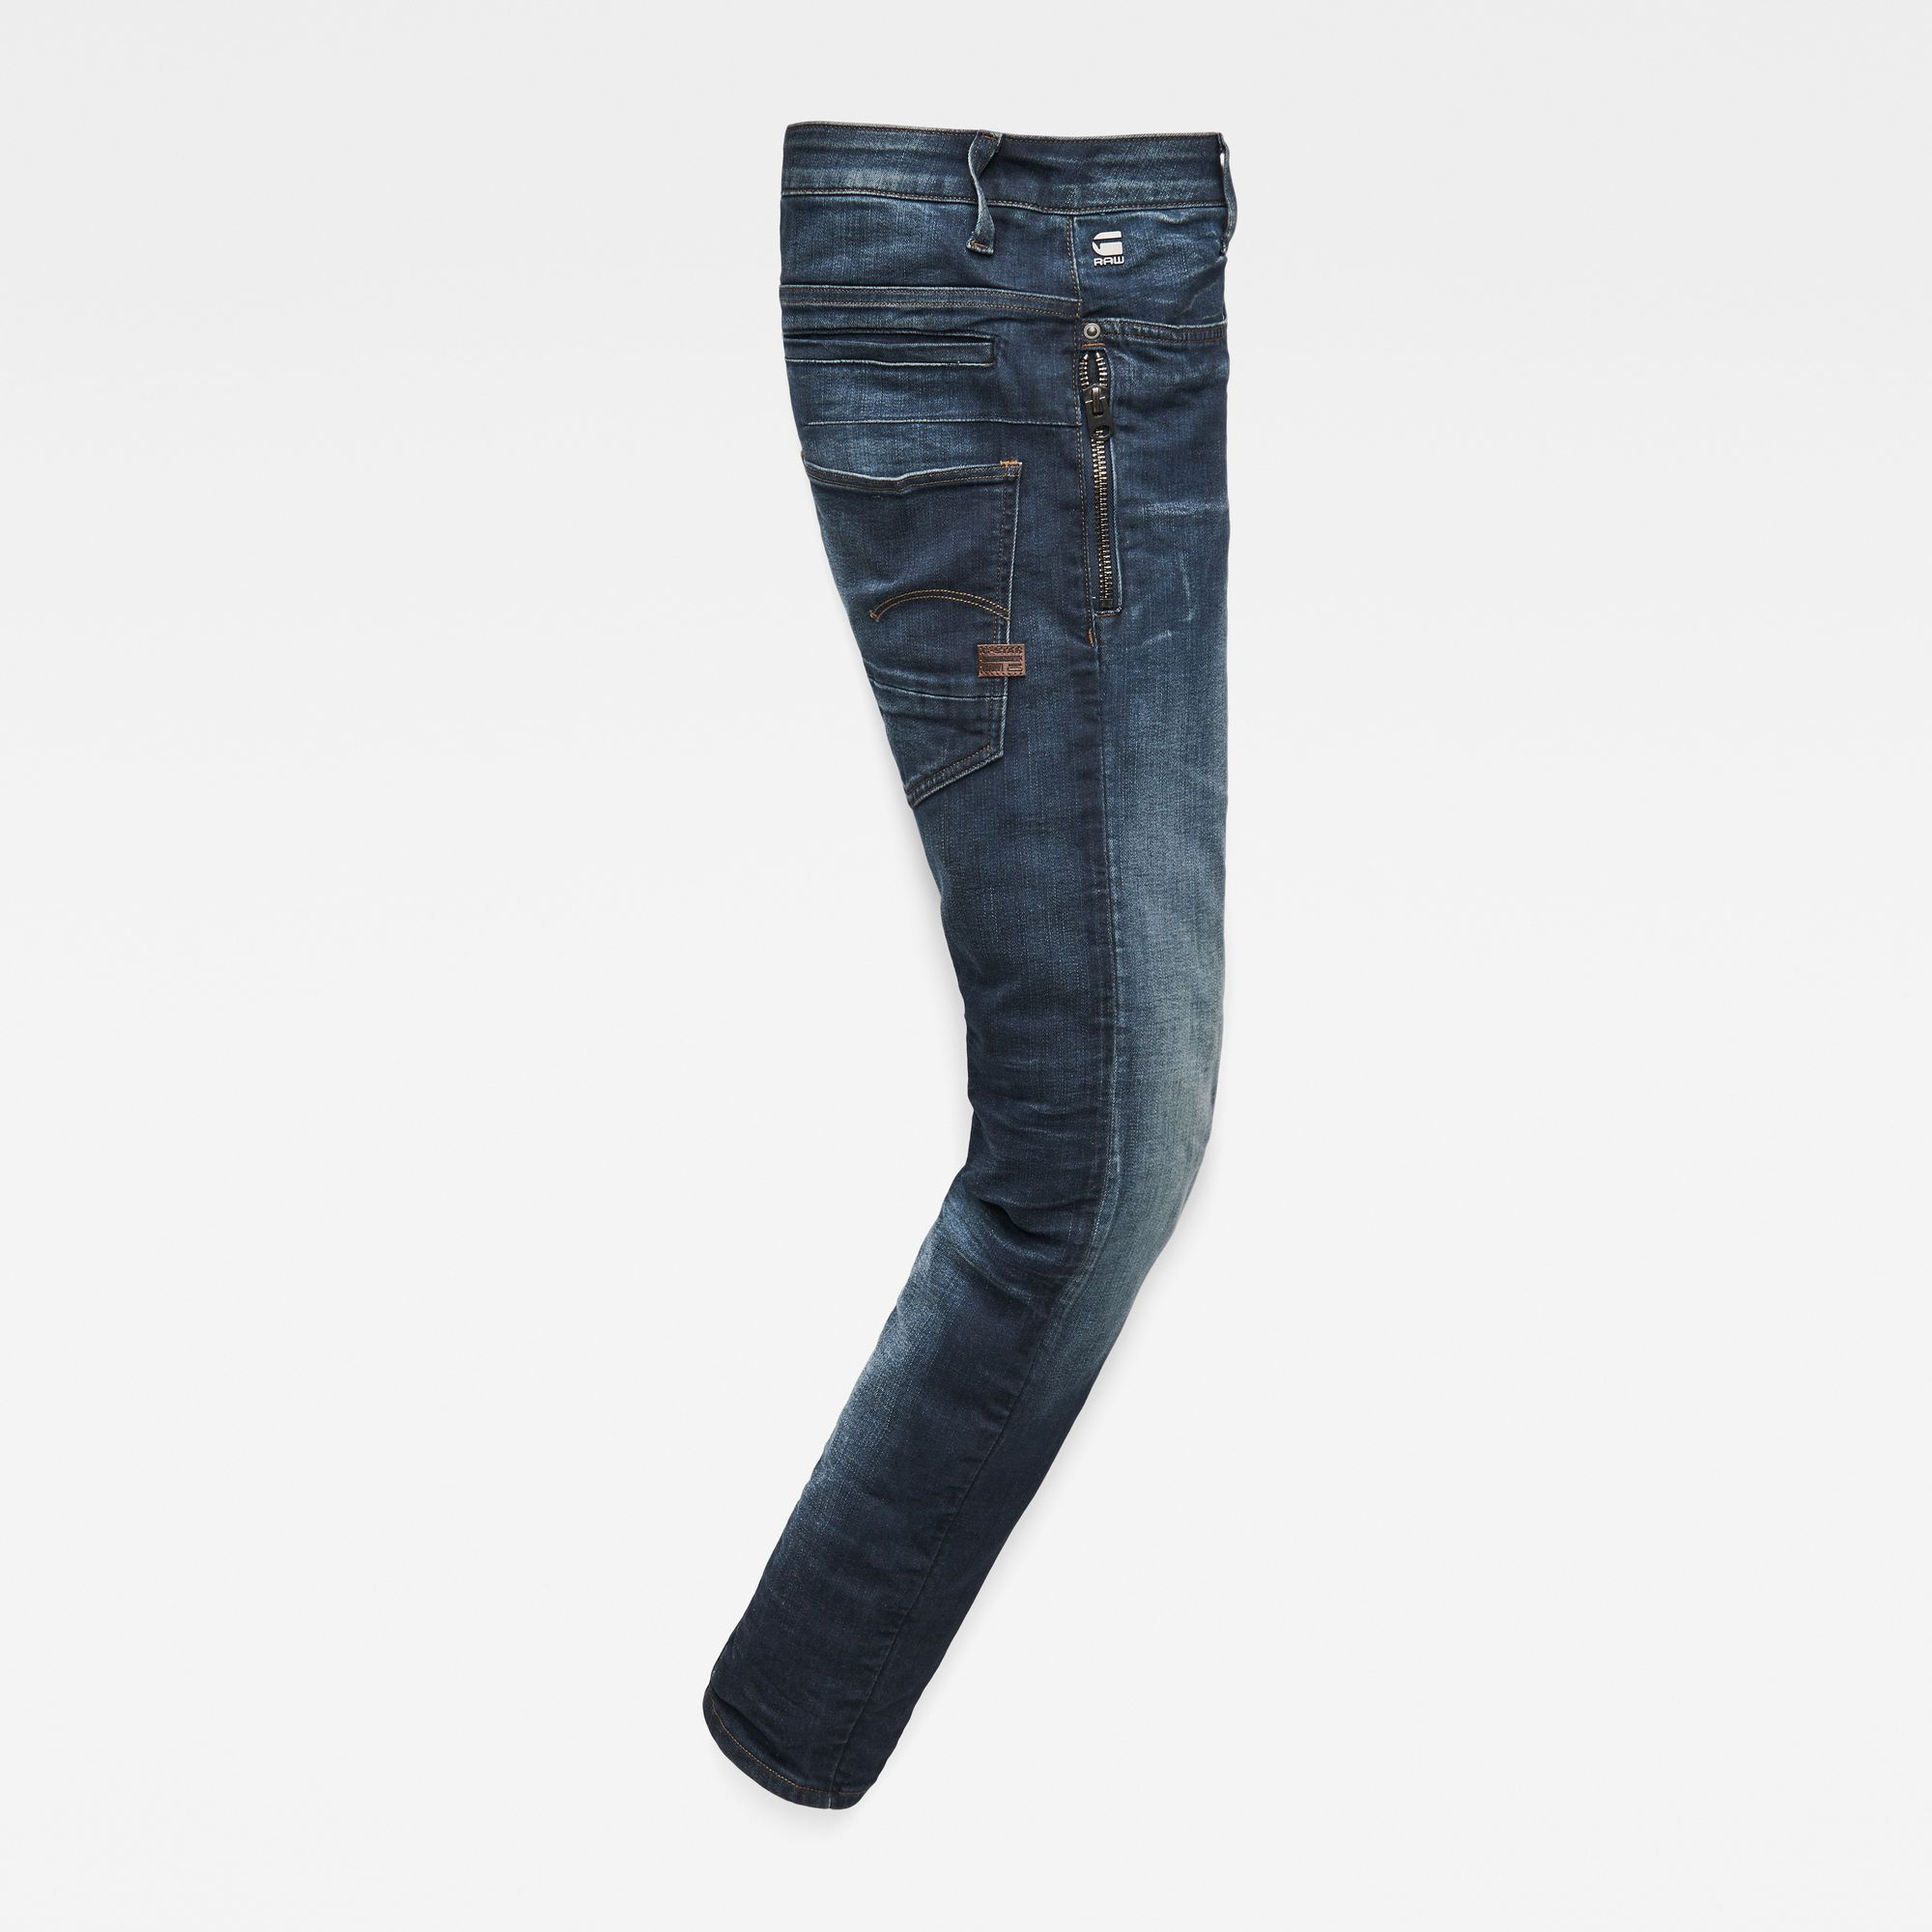 G-Star RAW D-Staq 3D Zip Slim Jeans